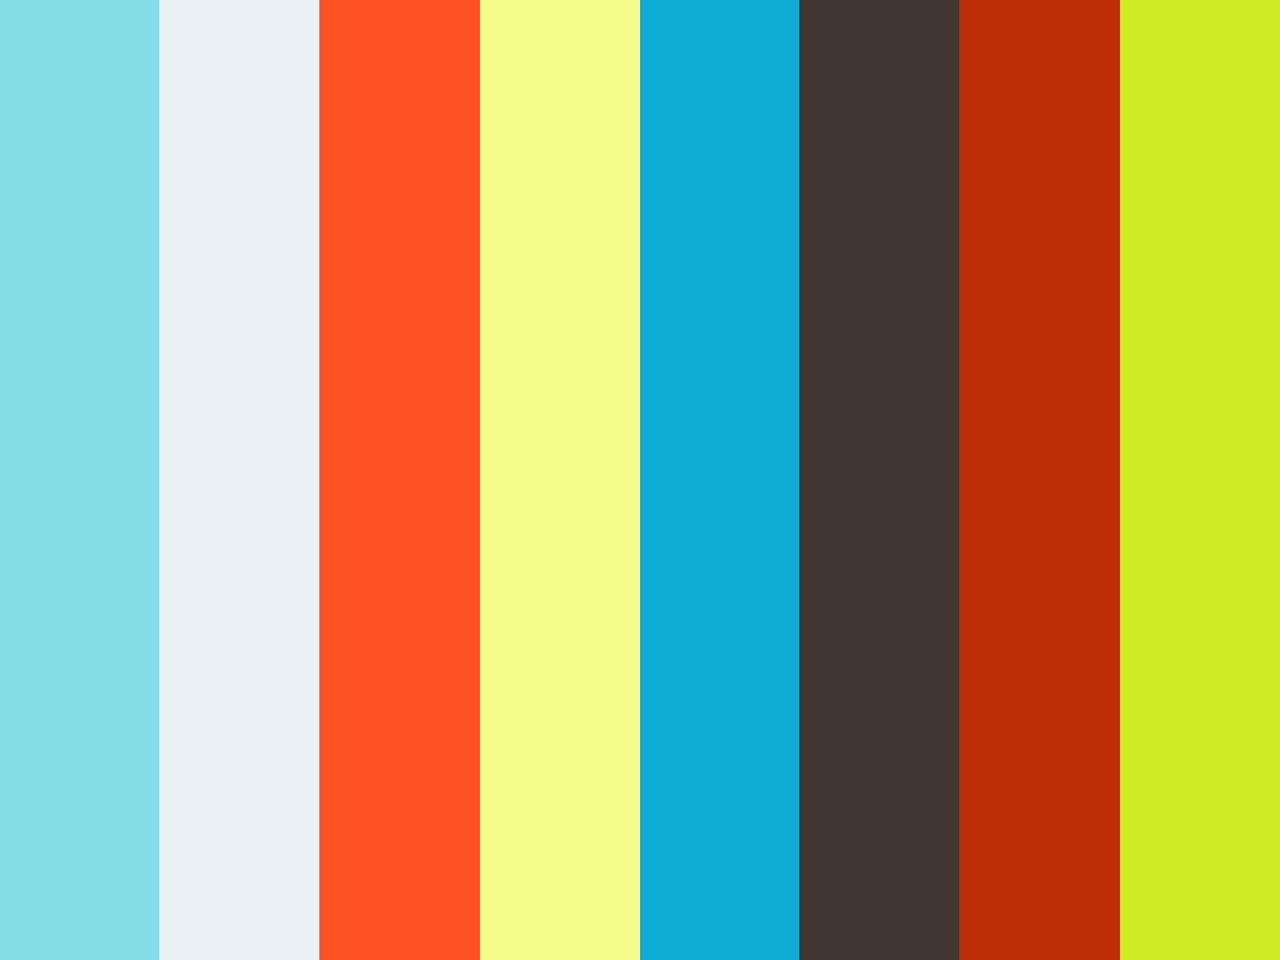 003044 - PROG - TV Provincie - Gezelschapsspel Leren Leren